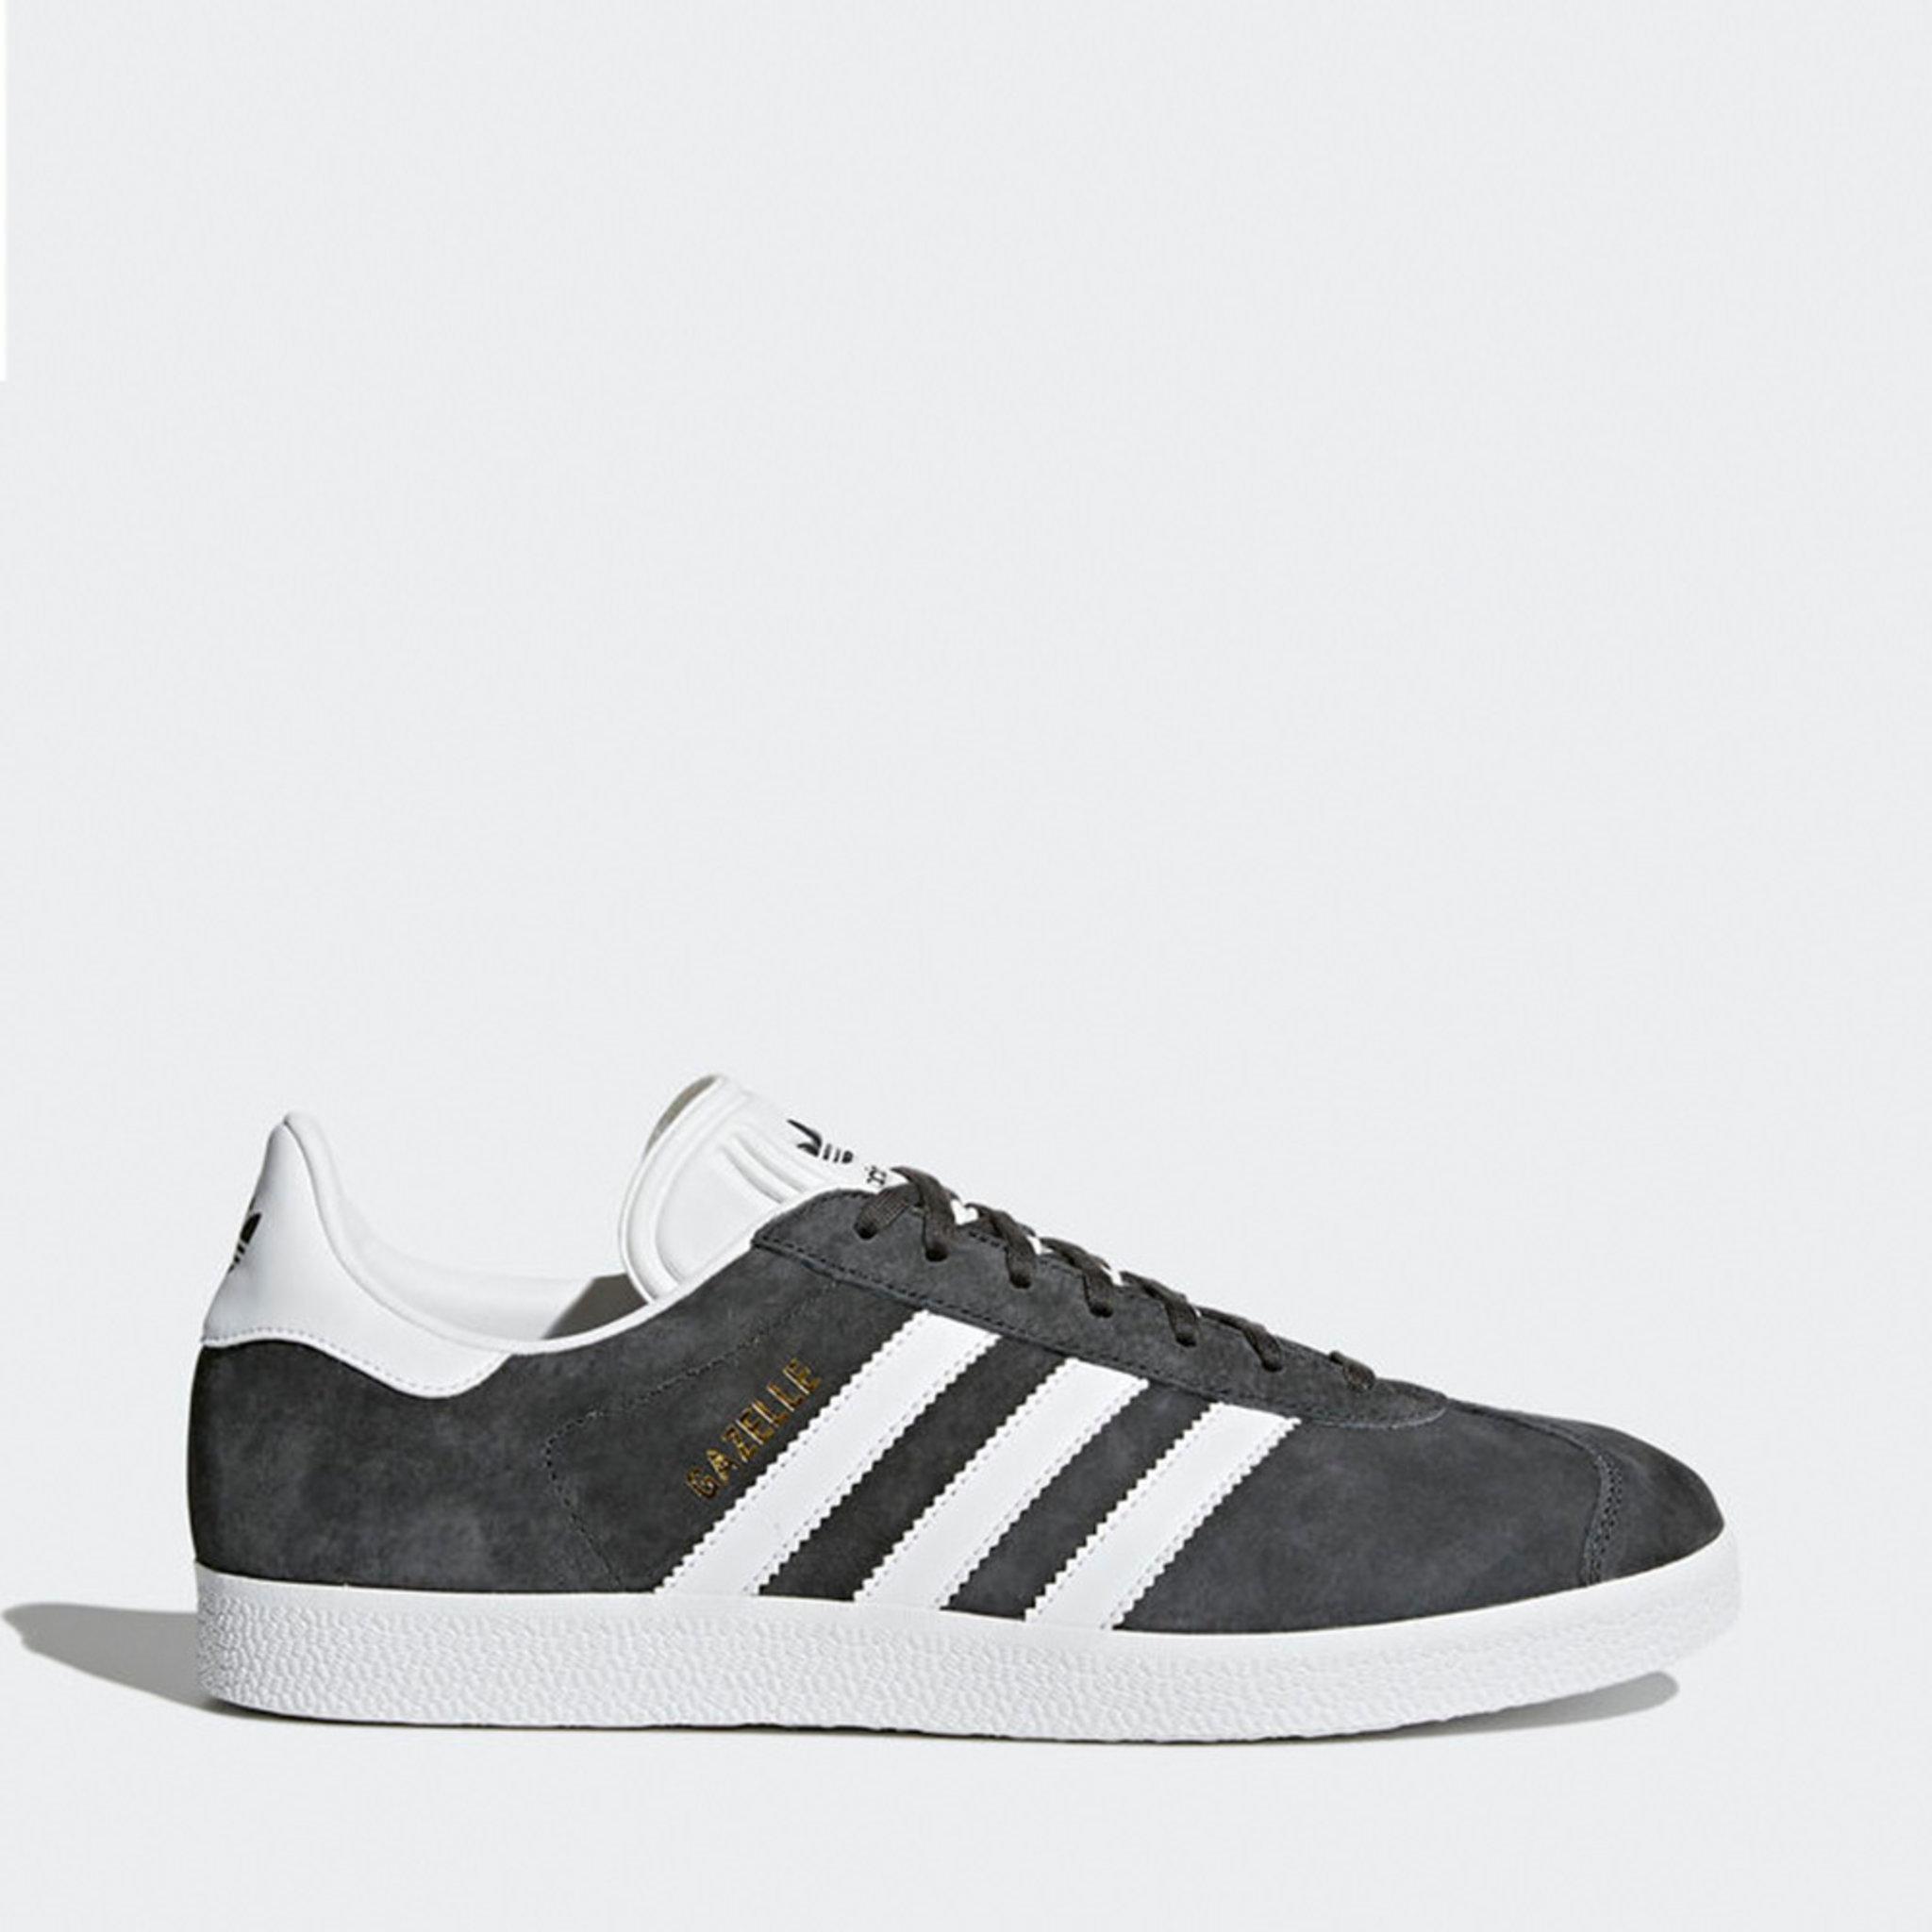 reputable site f1491 91128 Gazelle Shoes - Sneakers - Köp online på åhlens.se!